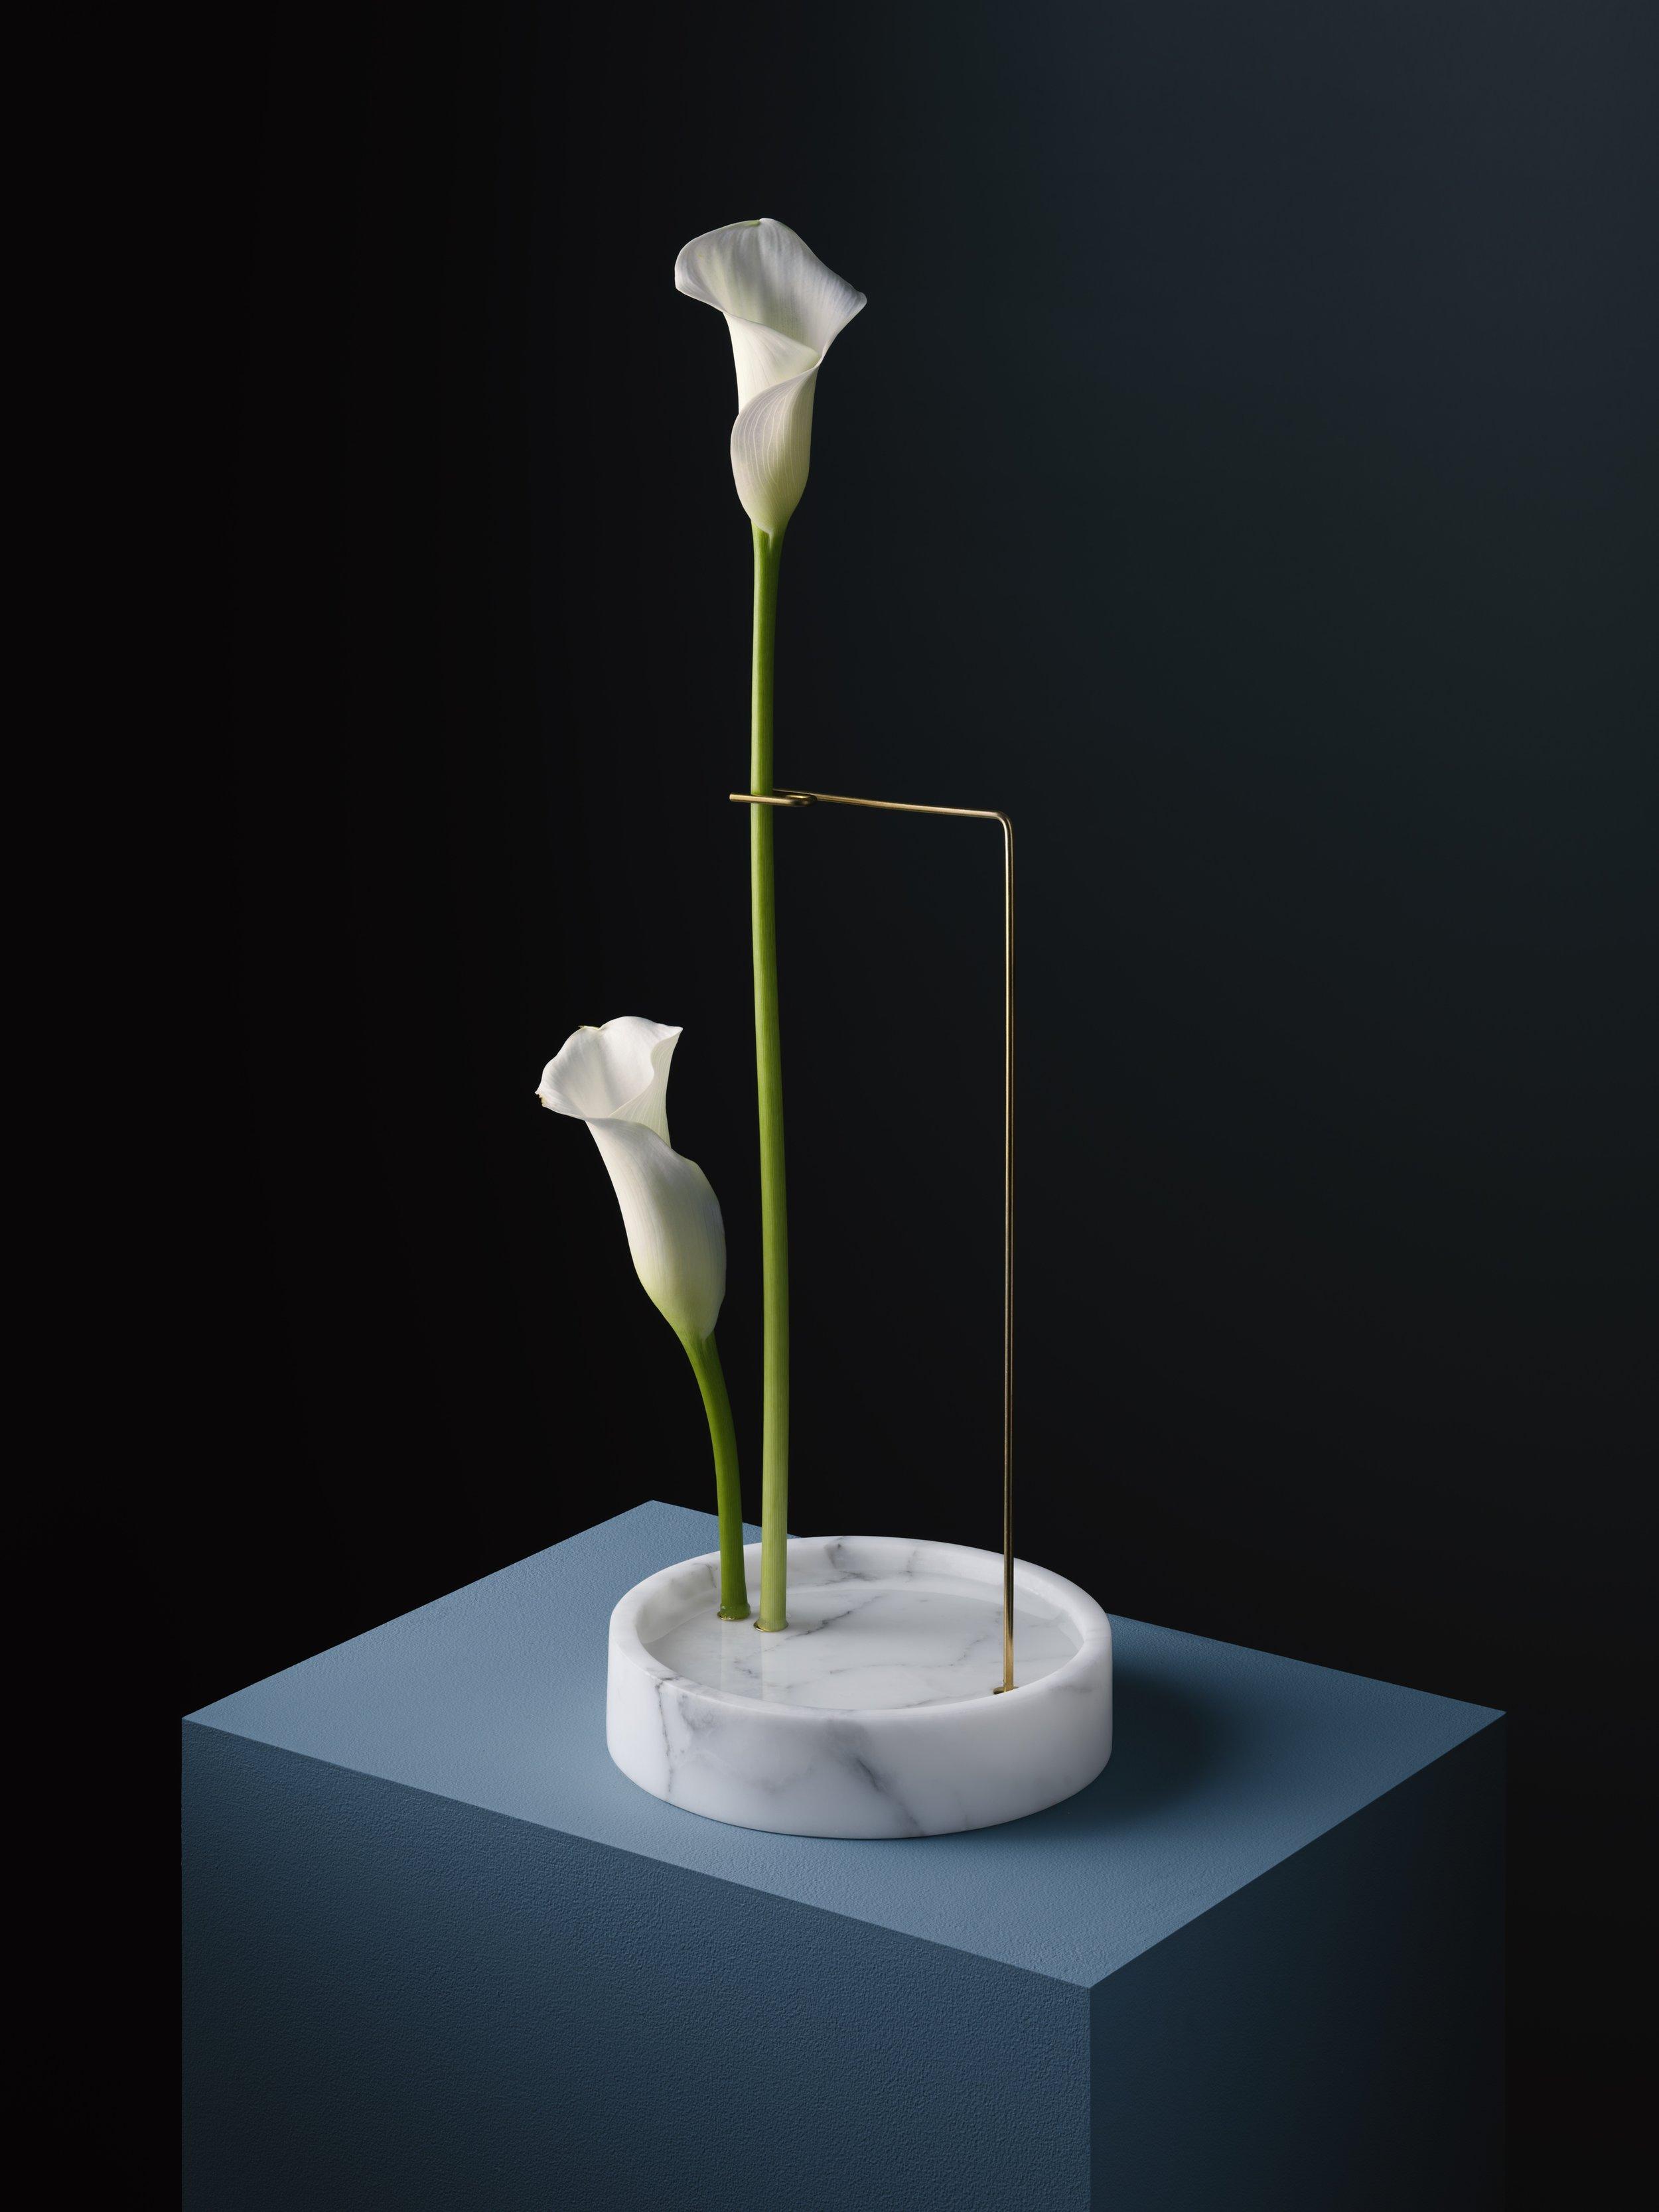 Carl Kleiner-BlocStudios-marble series-Prototypes-image-07.jpeg